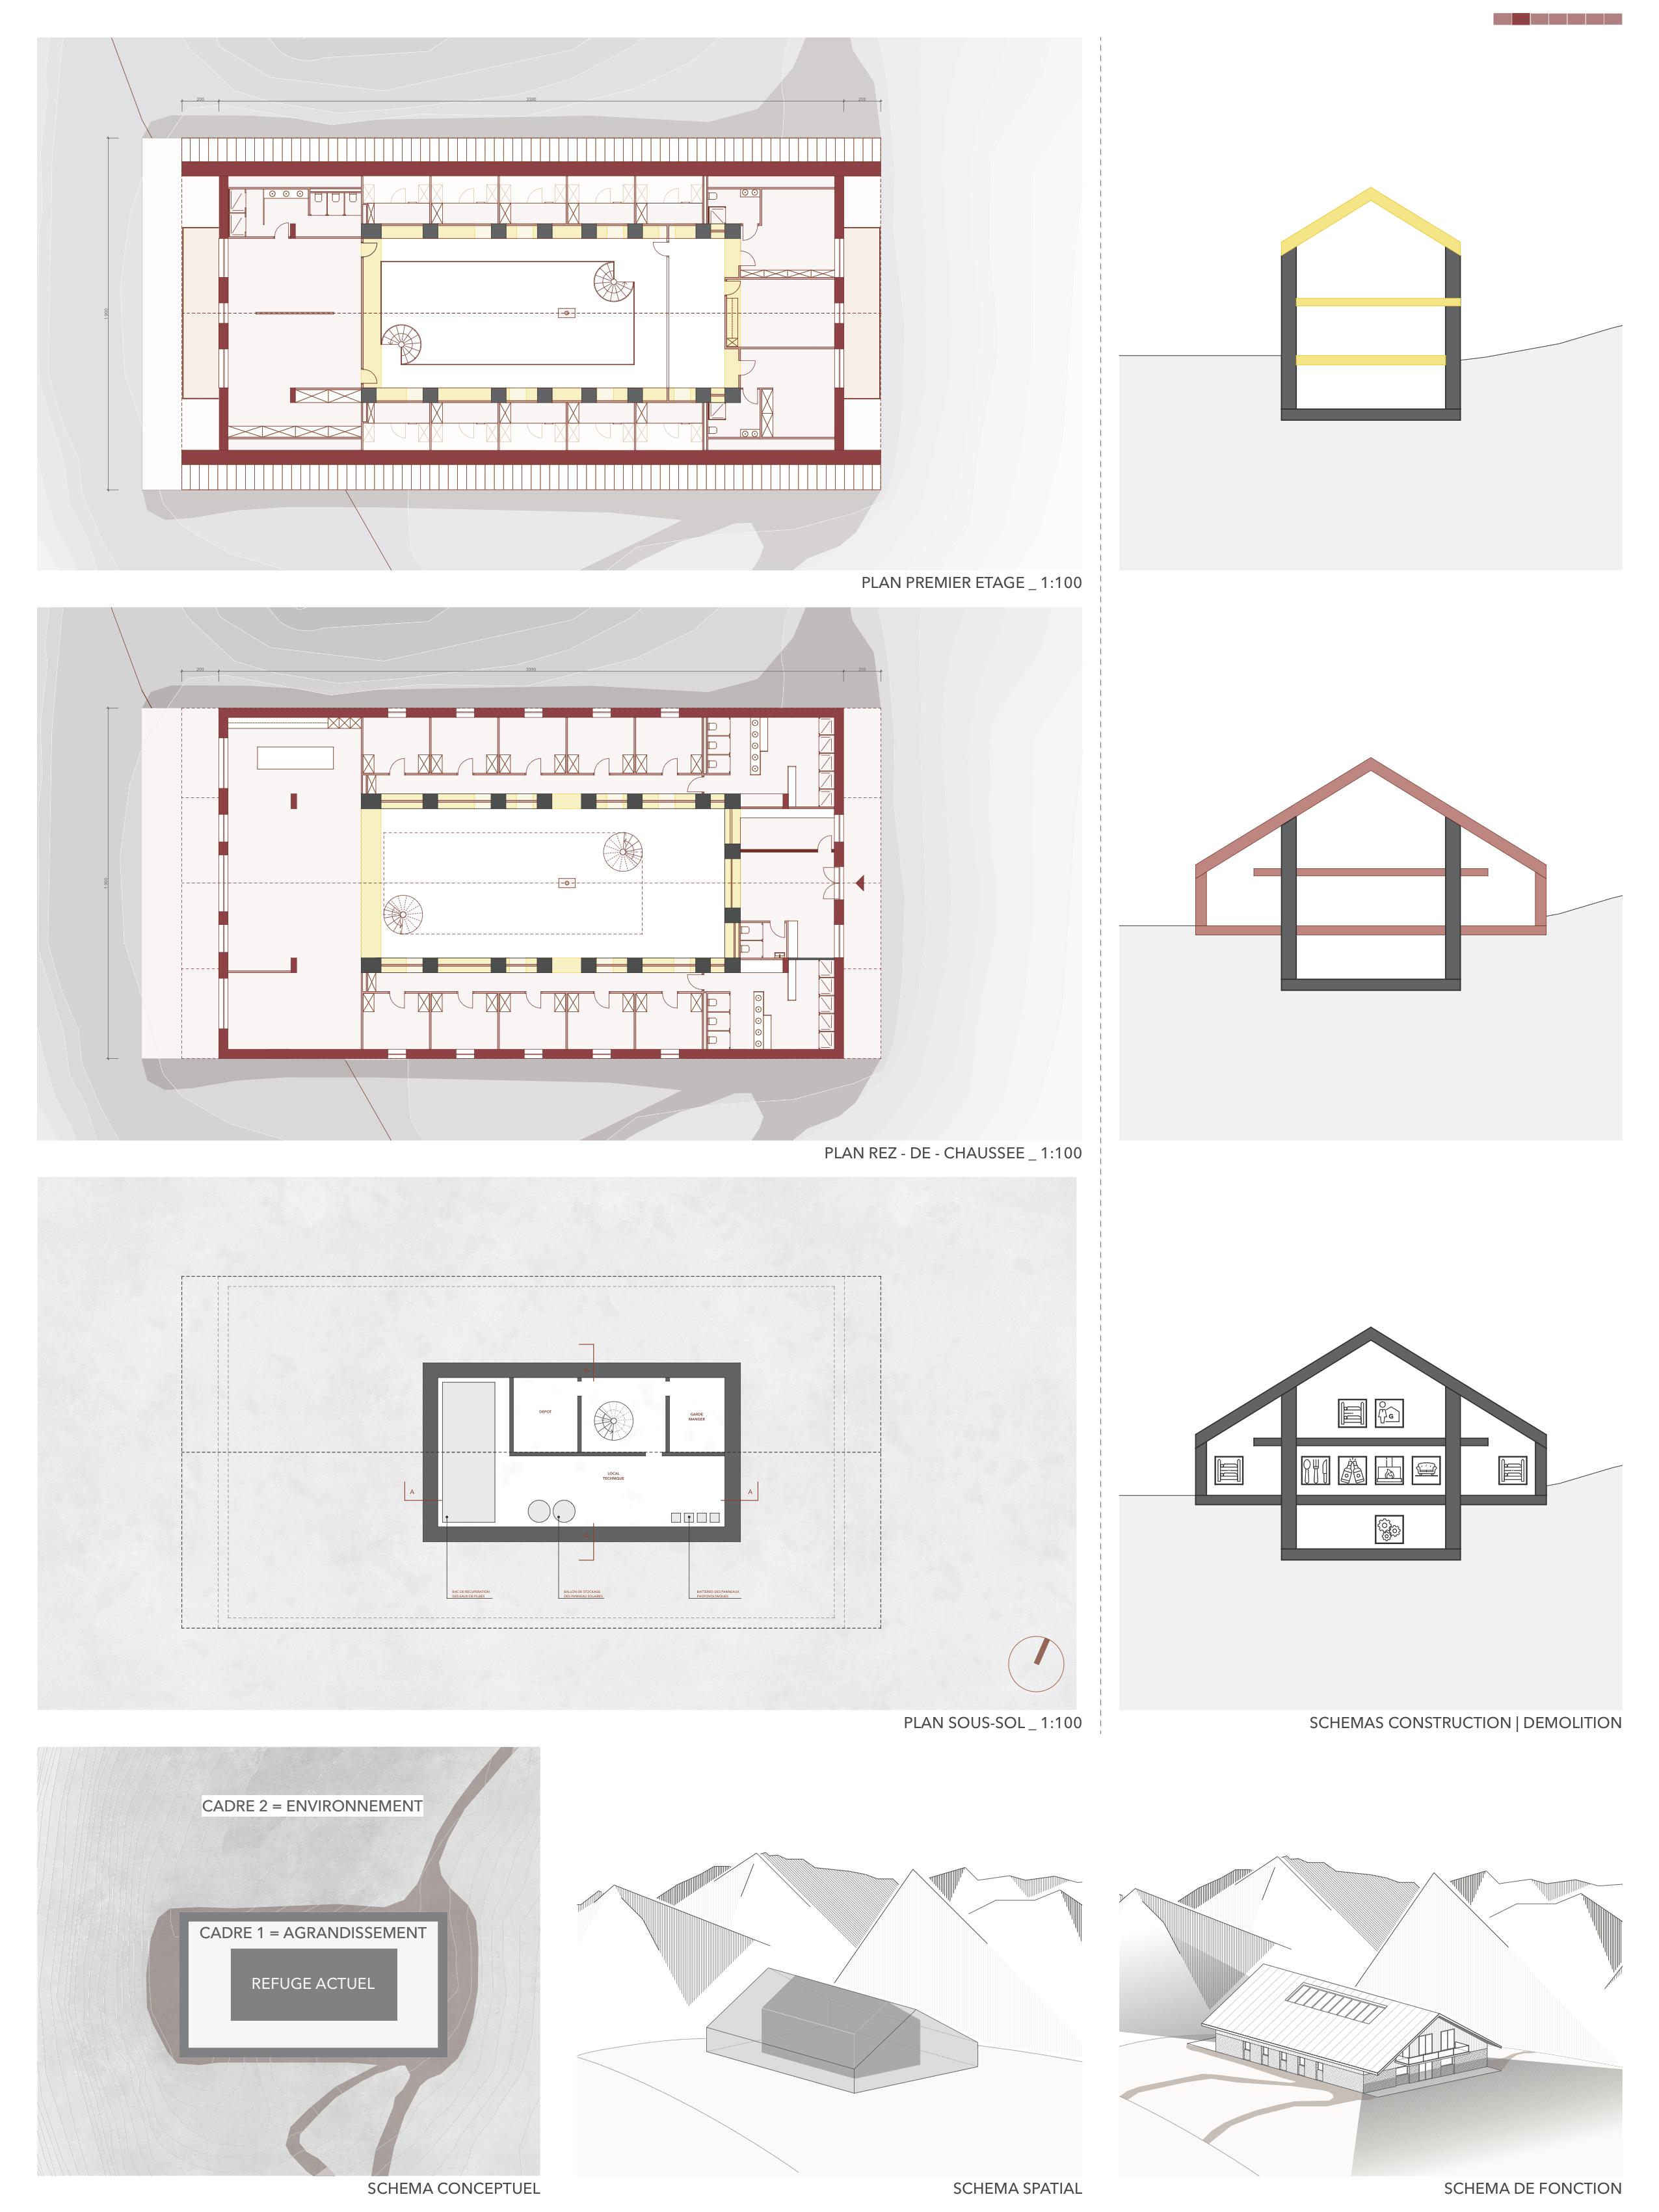 Ecole D Architecture D Interieur Nice swiss design center école d'architecture d'intérieur et